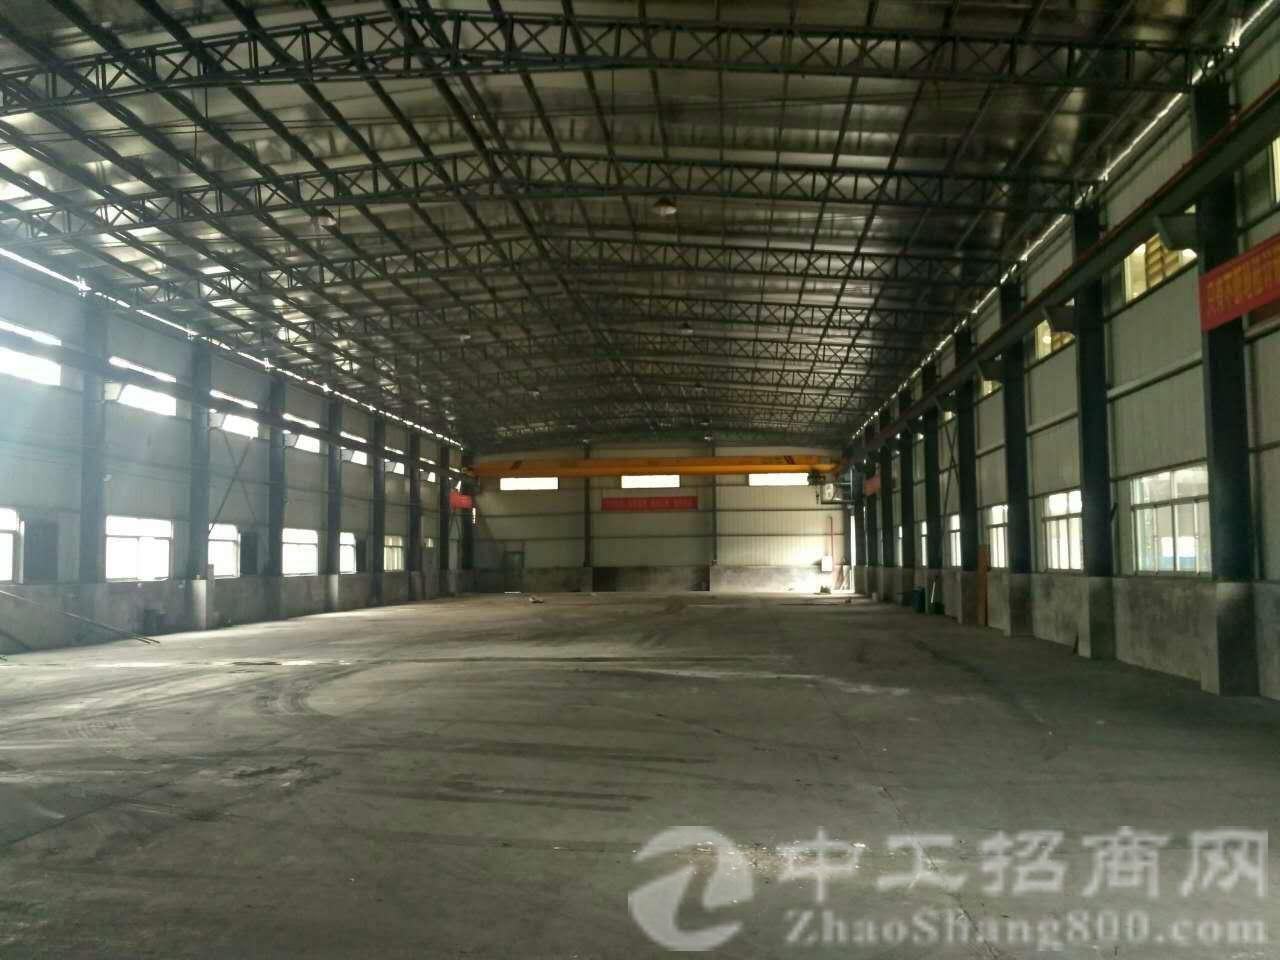 茶山镇新出滴水13米高3500平方重型钢构厂房招租